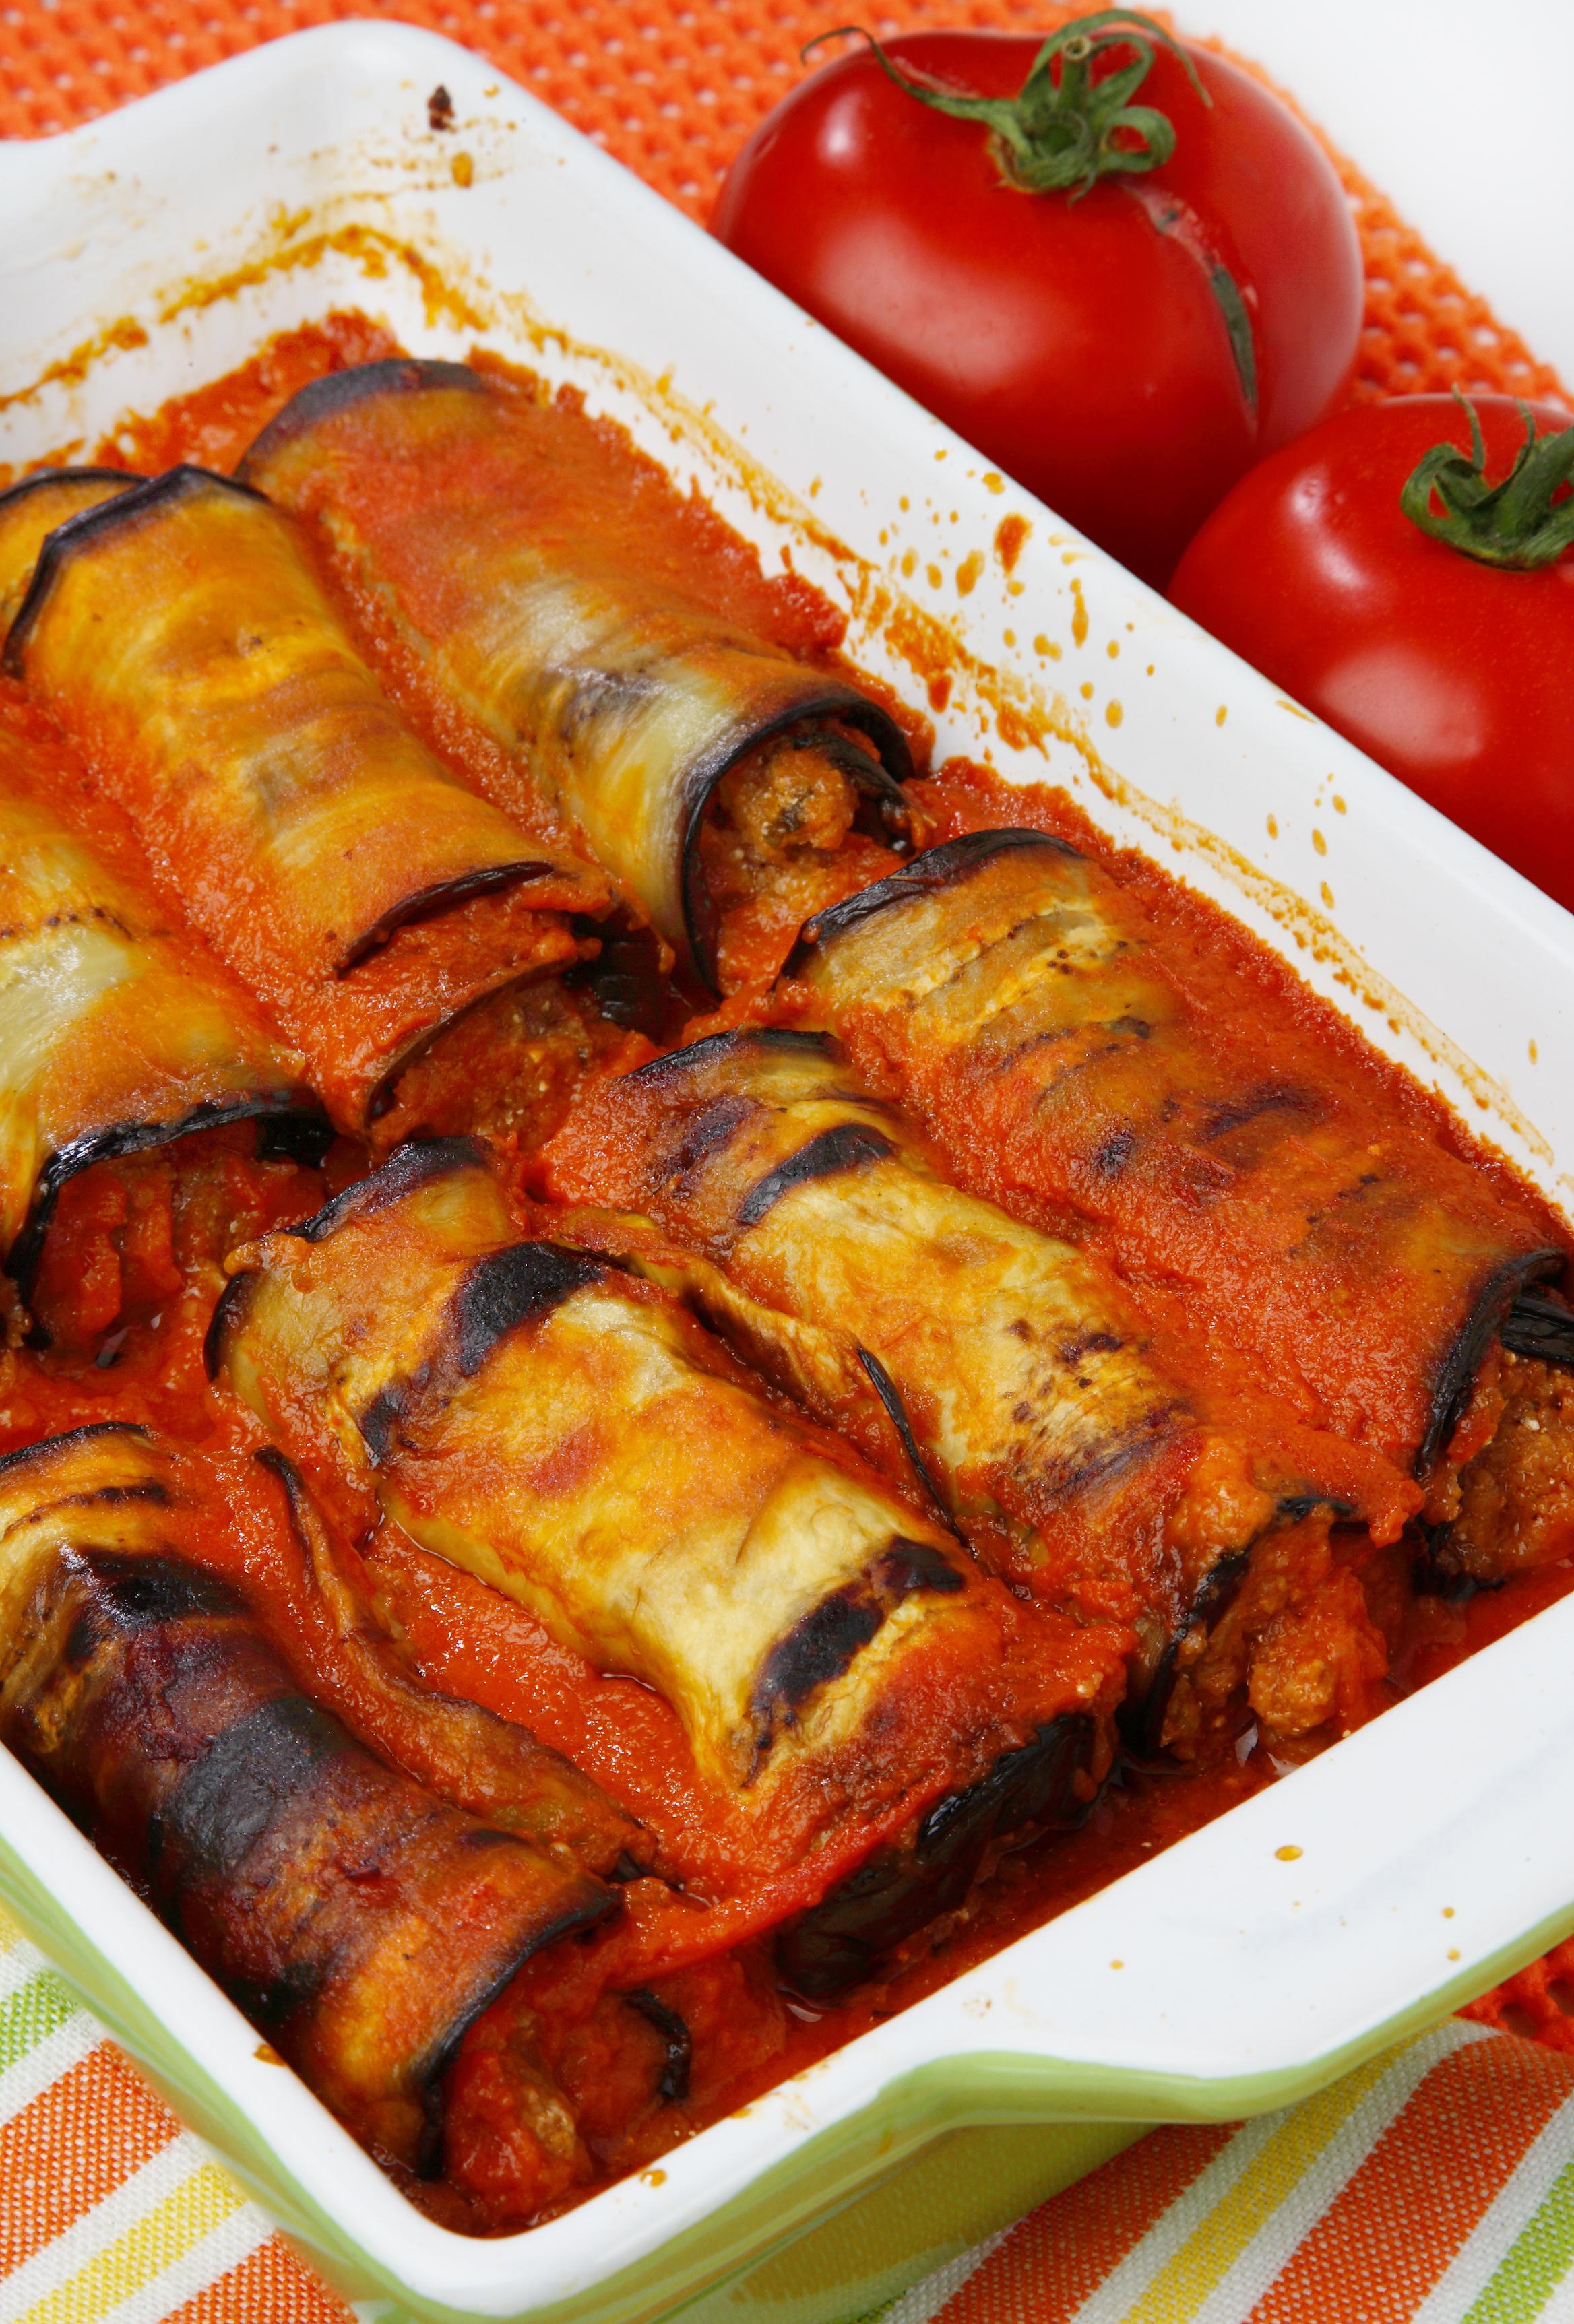 Rollitos de berenjena en salsa de tomate